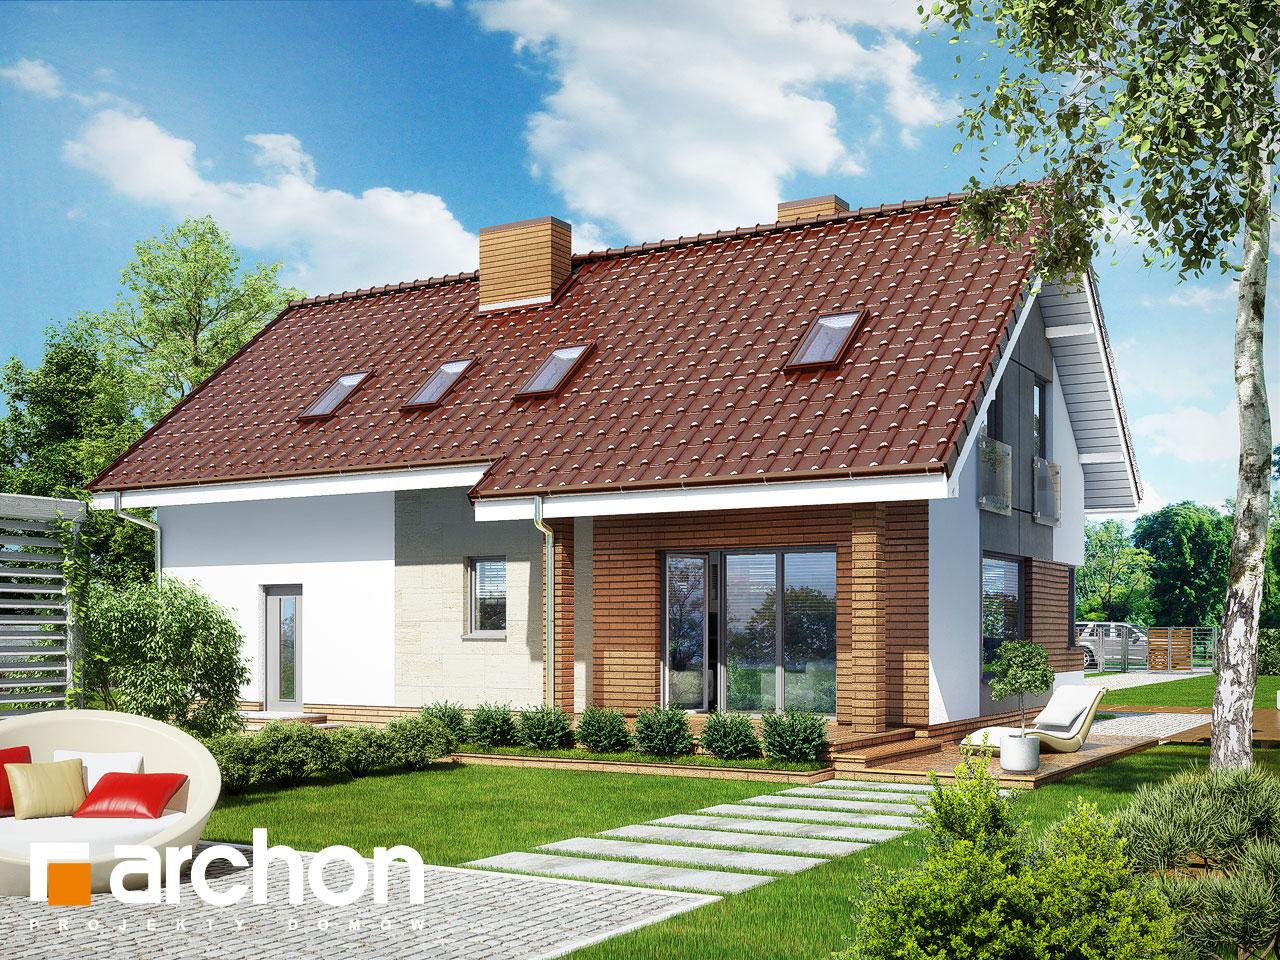 Проект будинку ARCHON+ Будинок в журавках (Г2) Вид 2